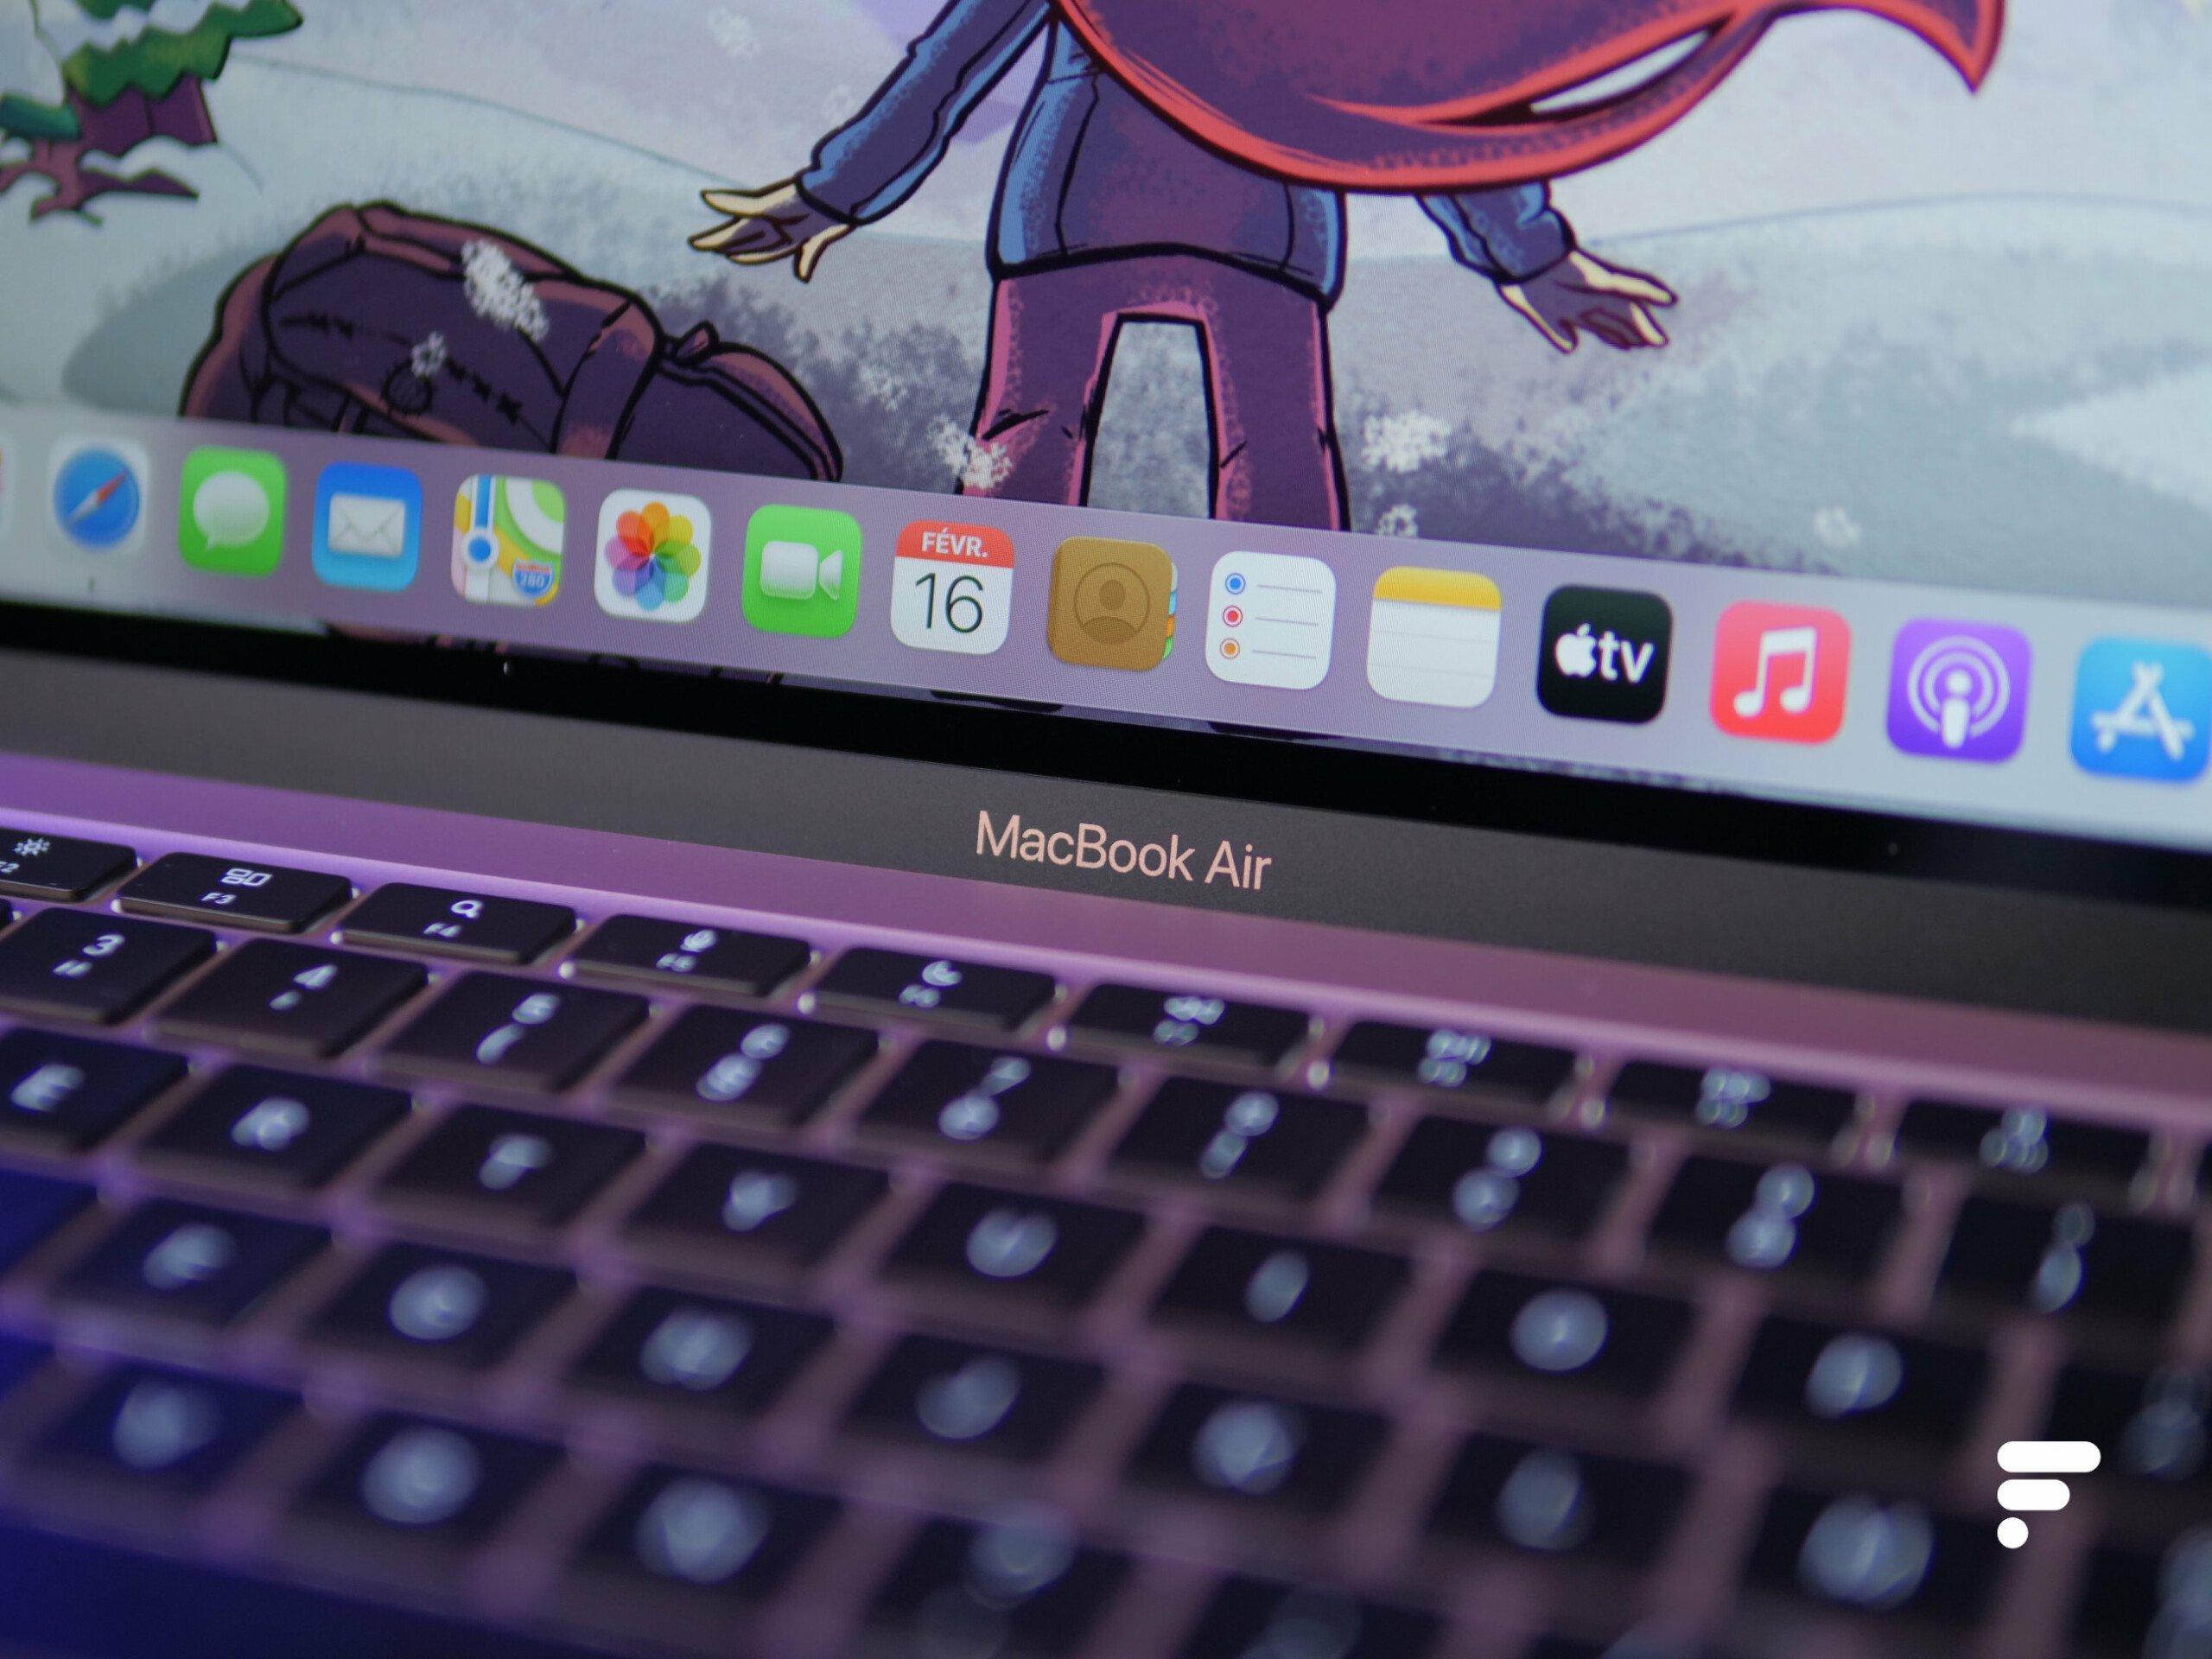 Apple MacBook Air (2020) M1 : actuellement à seulement 1019 euros, le meilleur prix observé en 2021